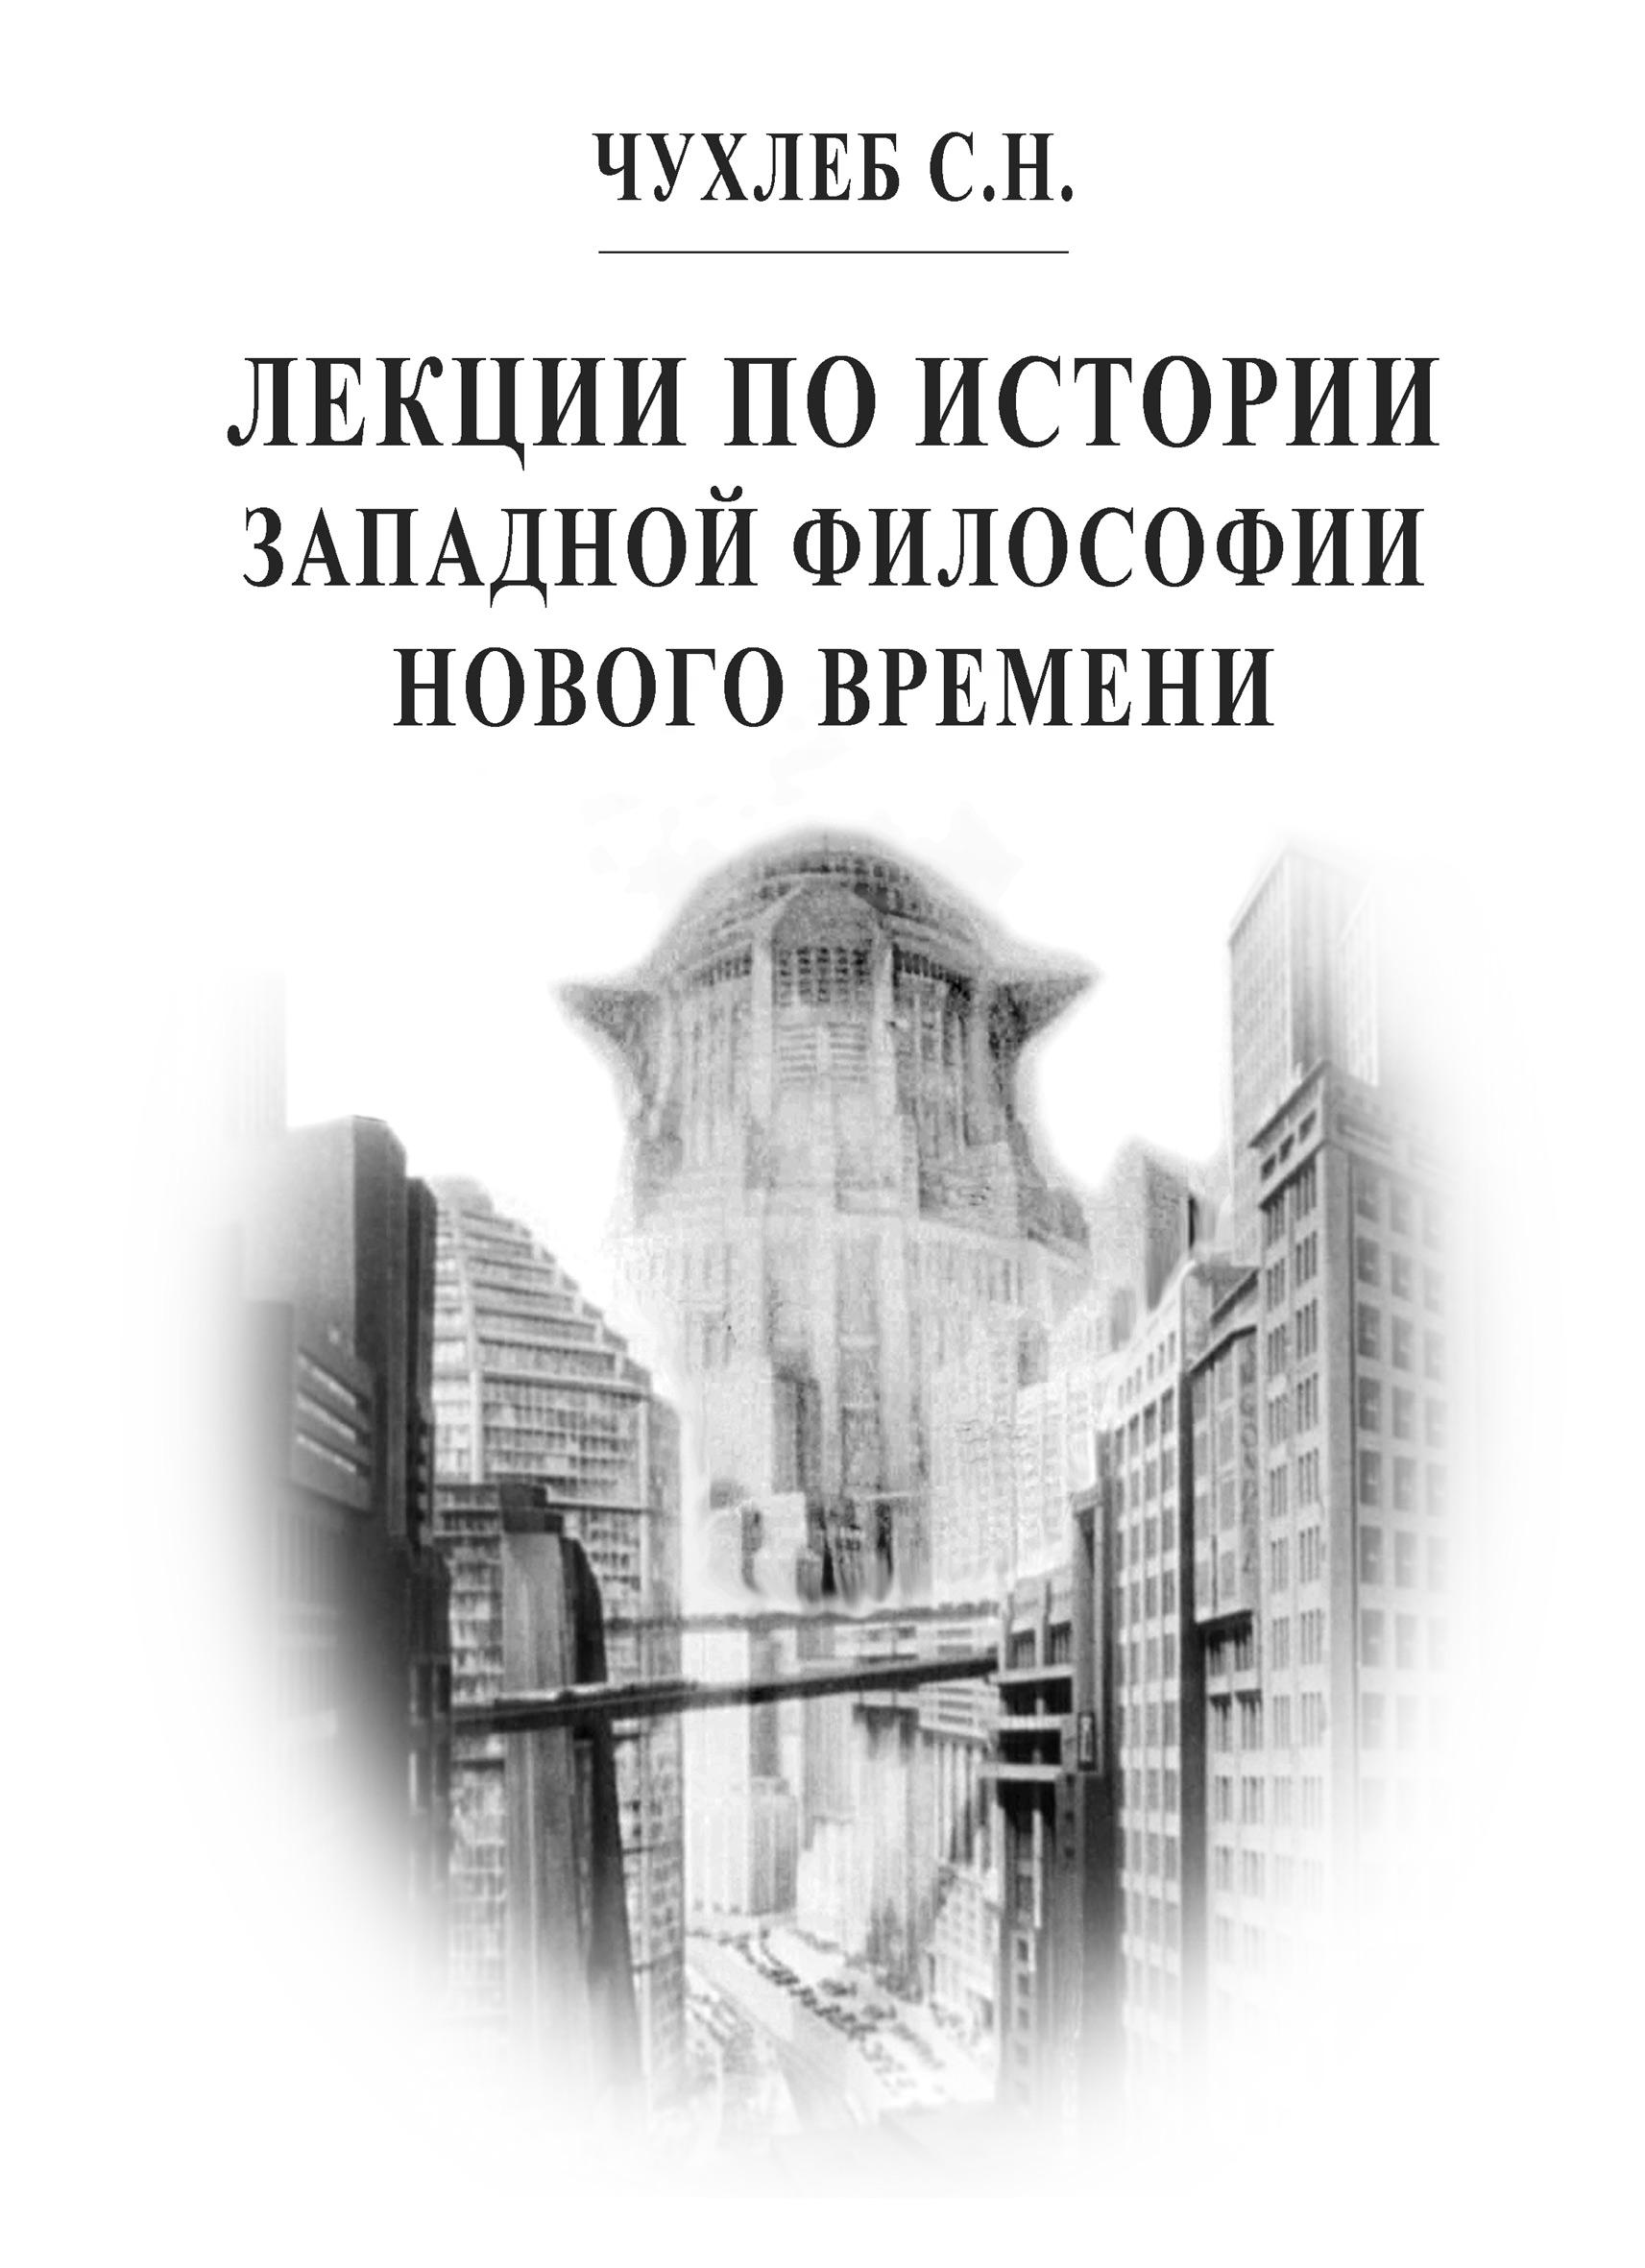 Сергей Чухлеб Лекции по истории западной философии Нового времени карсавин л философия истории